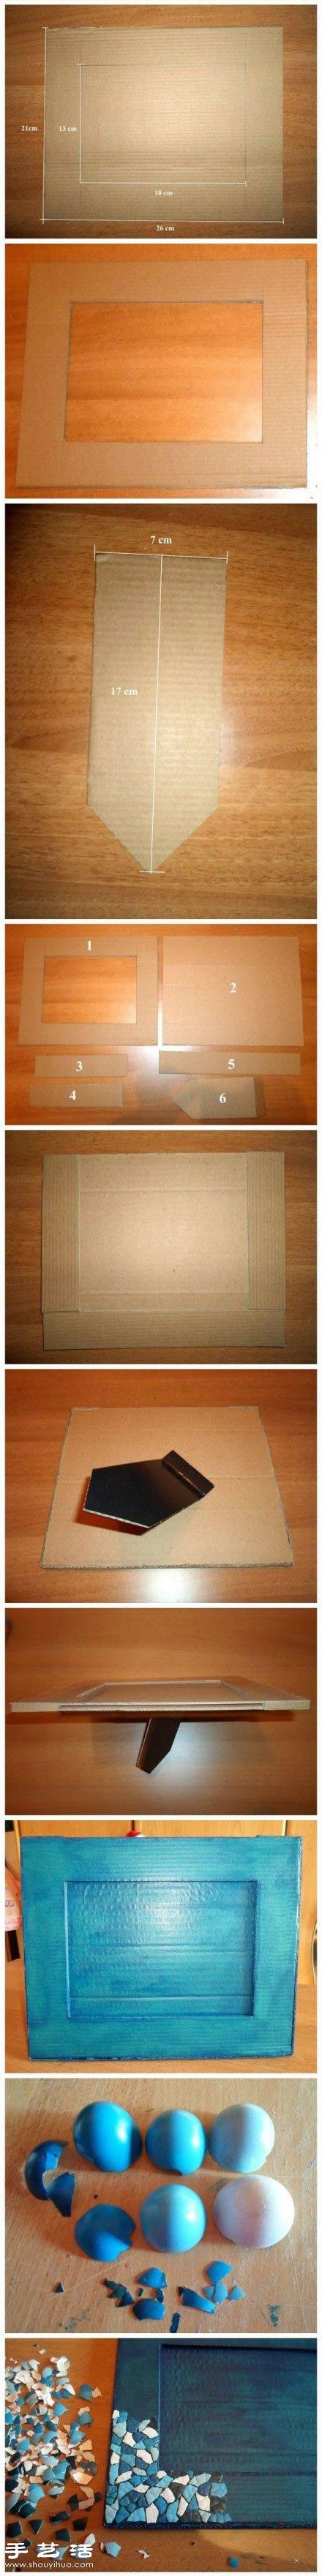 瓦楞纸+蛋壳 手工制作马赛克味道创意相架- www.jieyi.org